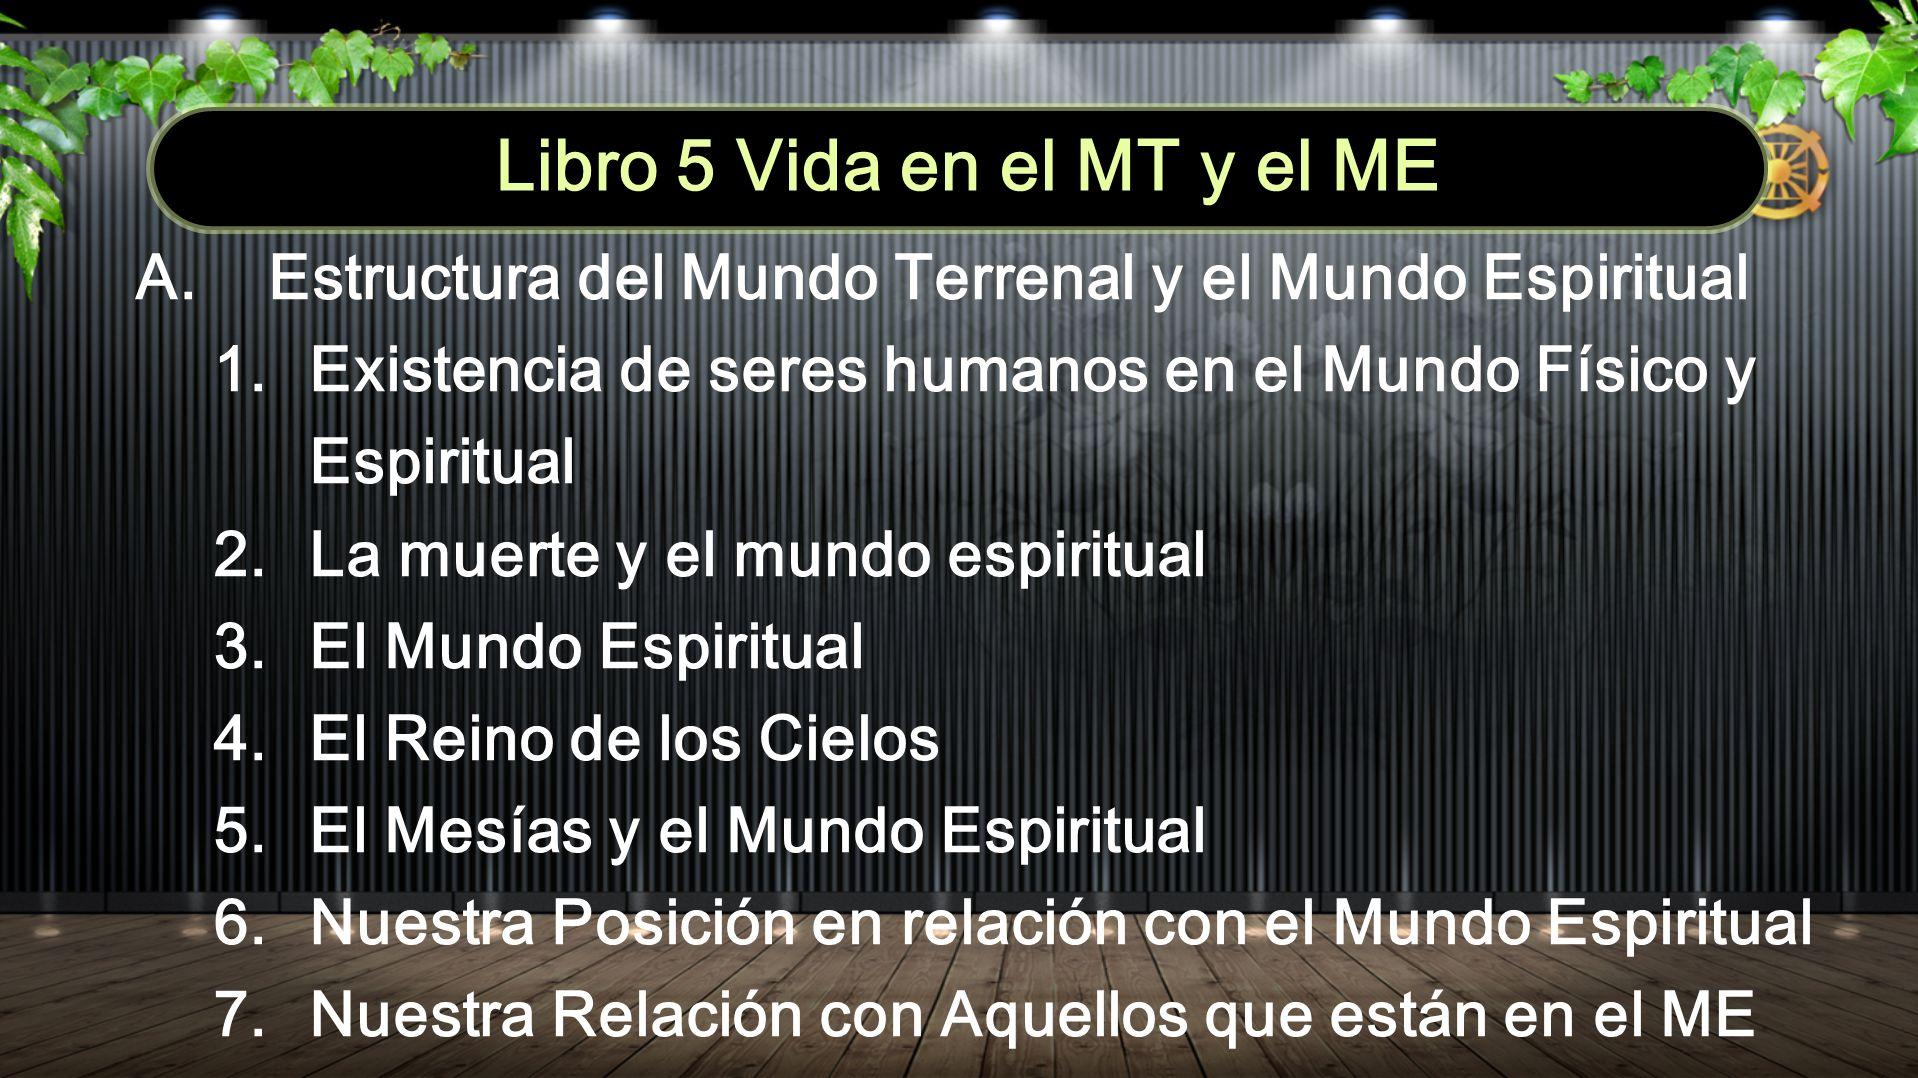 Libro 5 Vida en el MT y el ME